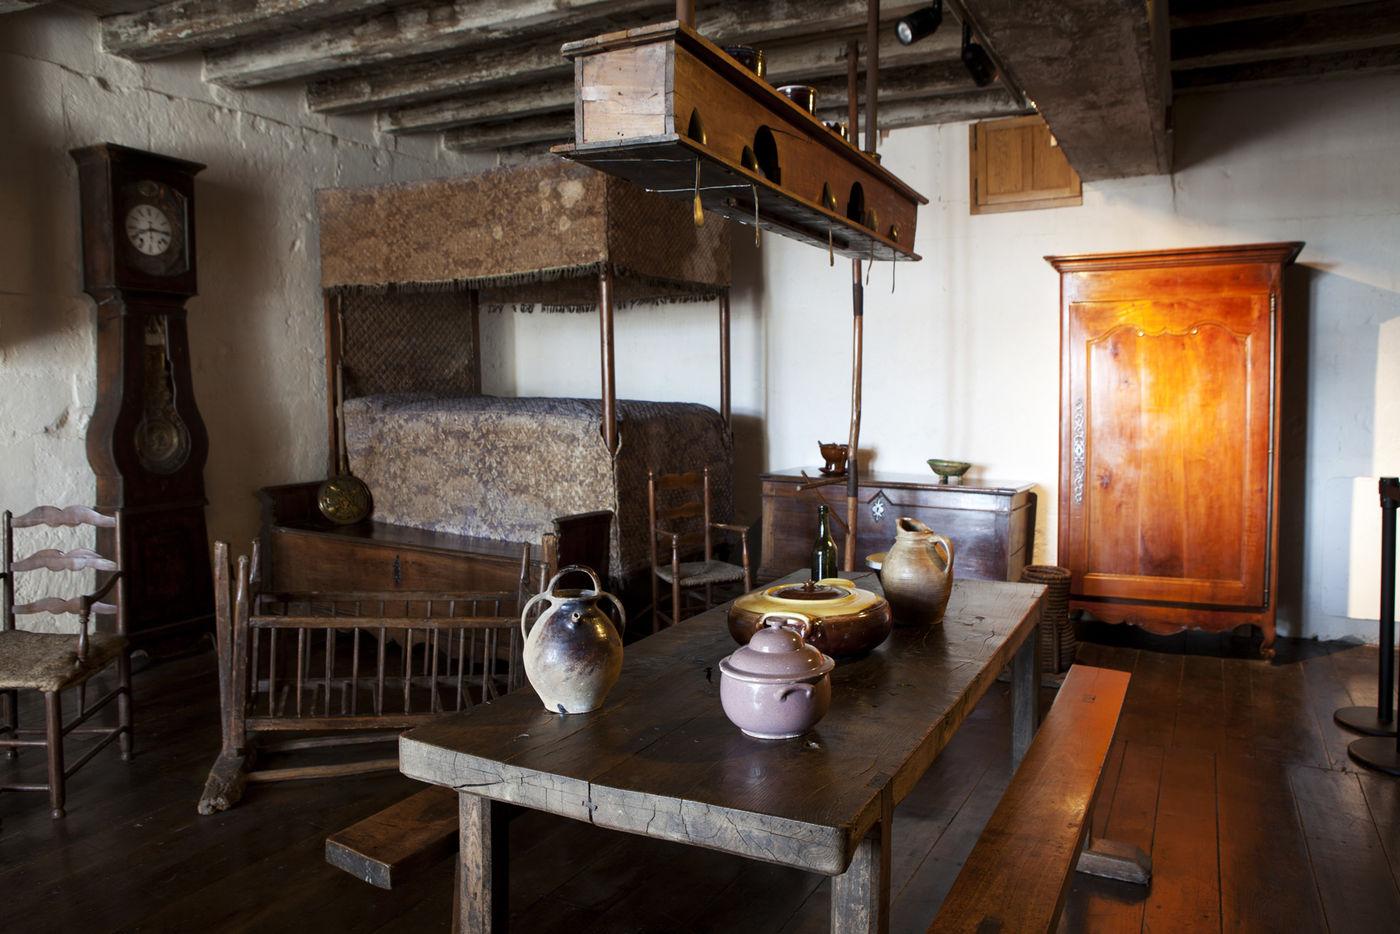 poitevin architecte nous vous proposons toute la richesse du marais poitevin marais poitevin. Black Bedroom Furniture Sets. Home Design Ideas